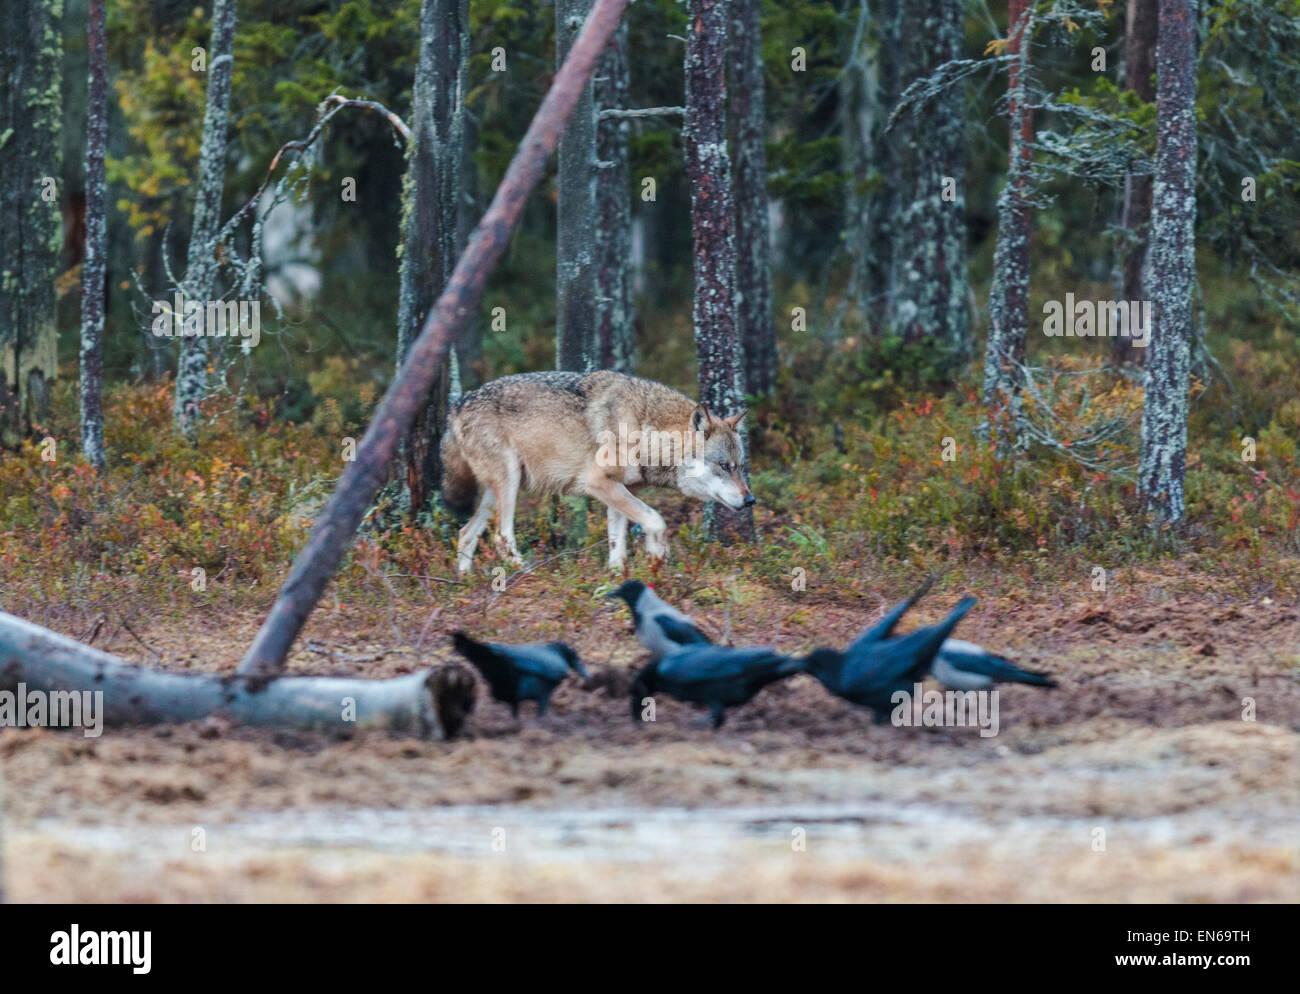 Grauer Wolf im Wald und Krähen und Raben zu Fuß davor, Kuhmo, Finnland Stockbild